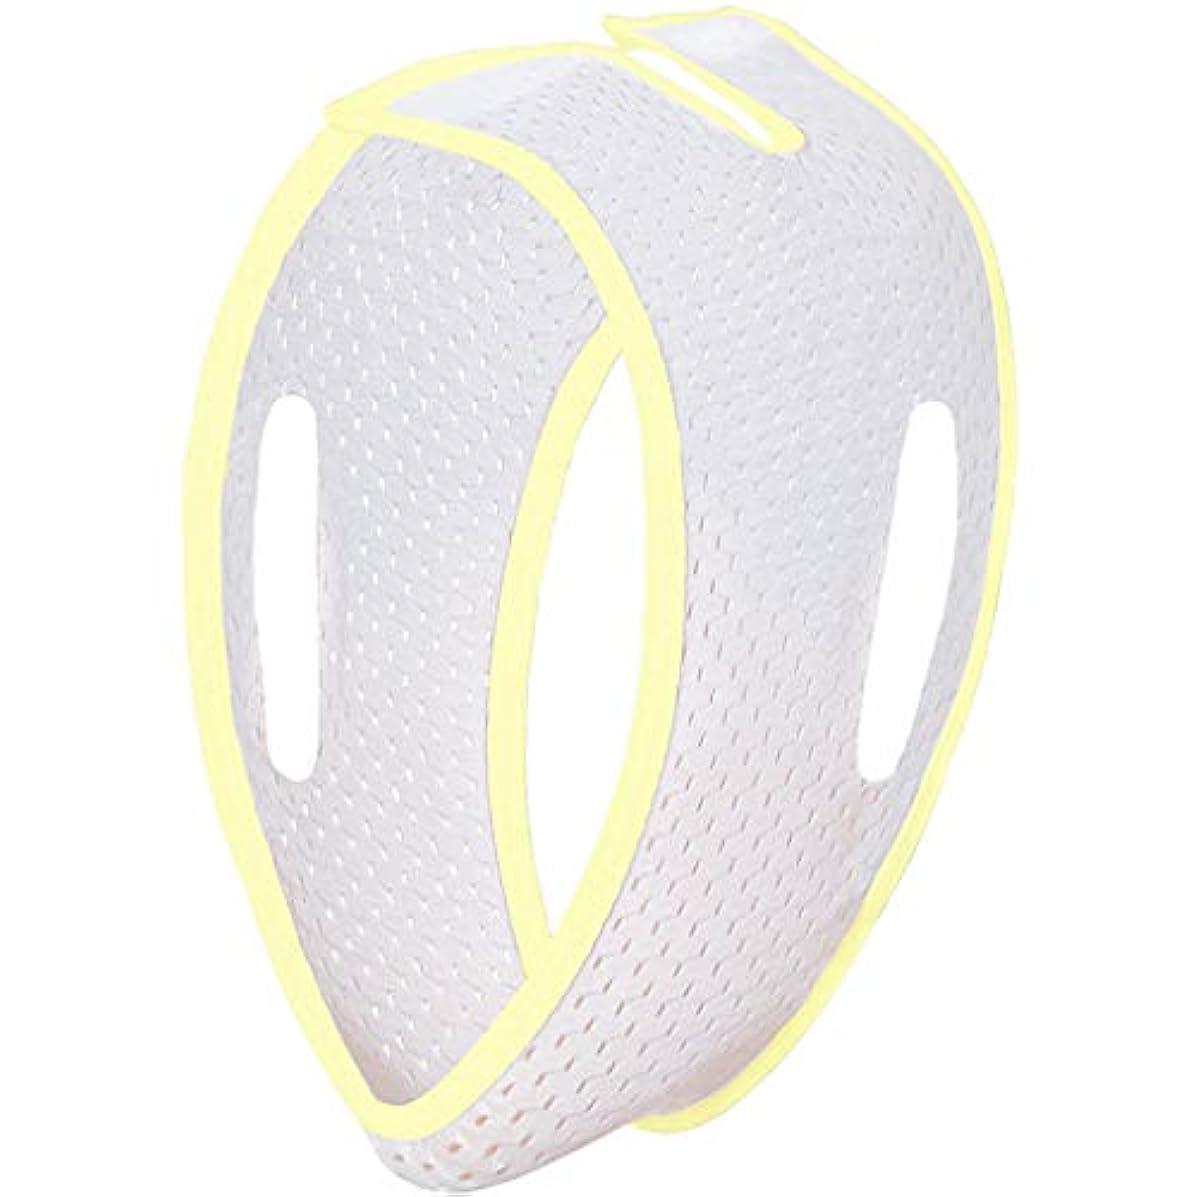 良いボルト欠乏Jia He 軽量 薄い顔ベルト、V顔薄い顔包帯超薄型アンチリンクルリフティングファーミングチン通気性マスク ## (Color : White and Yellow)